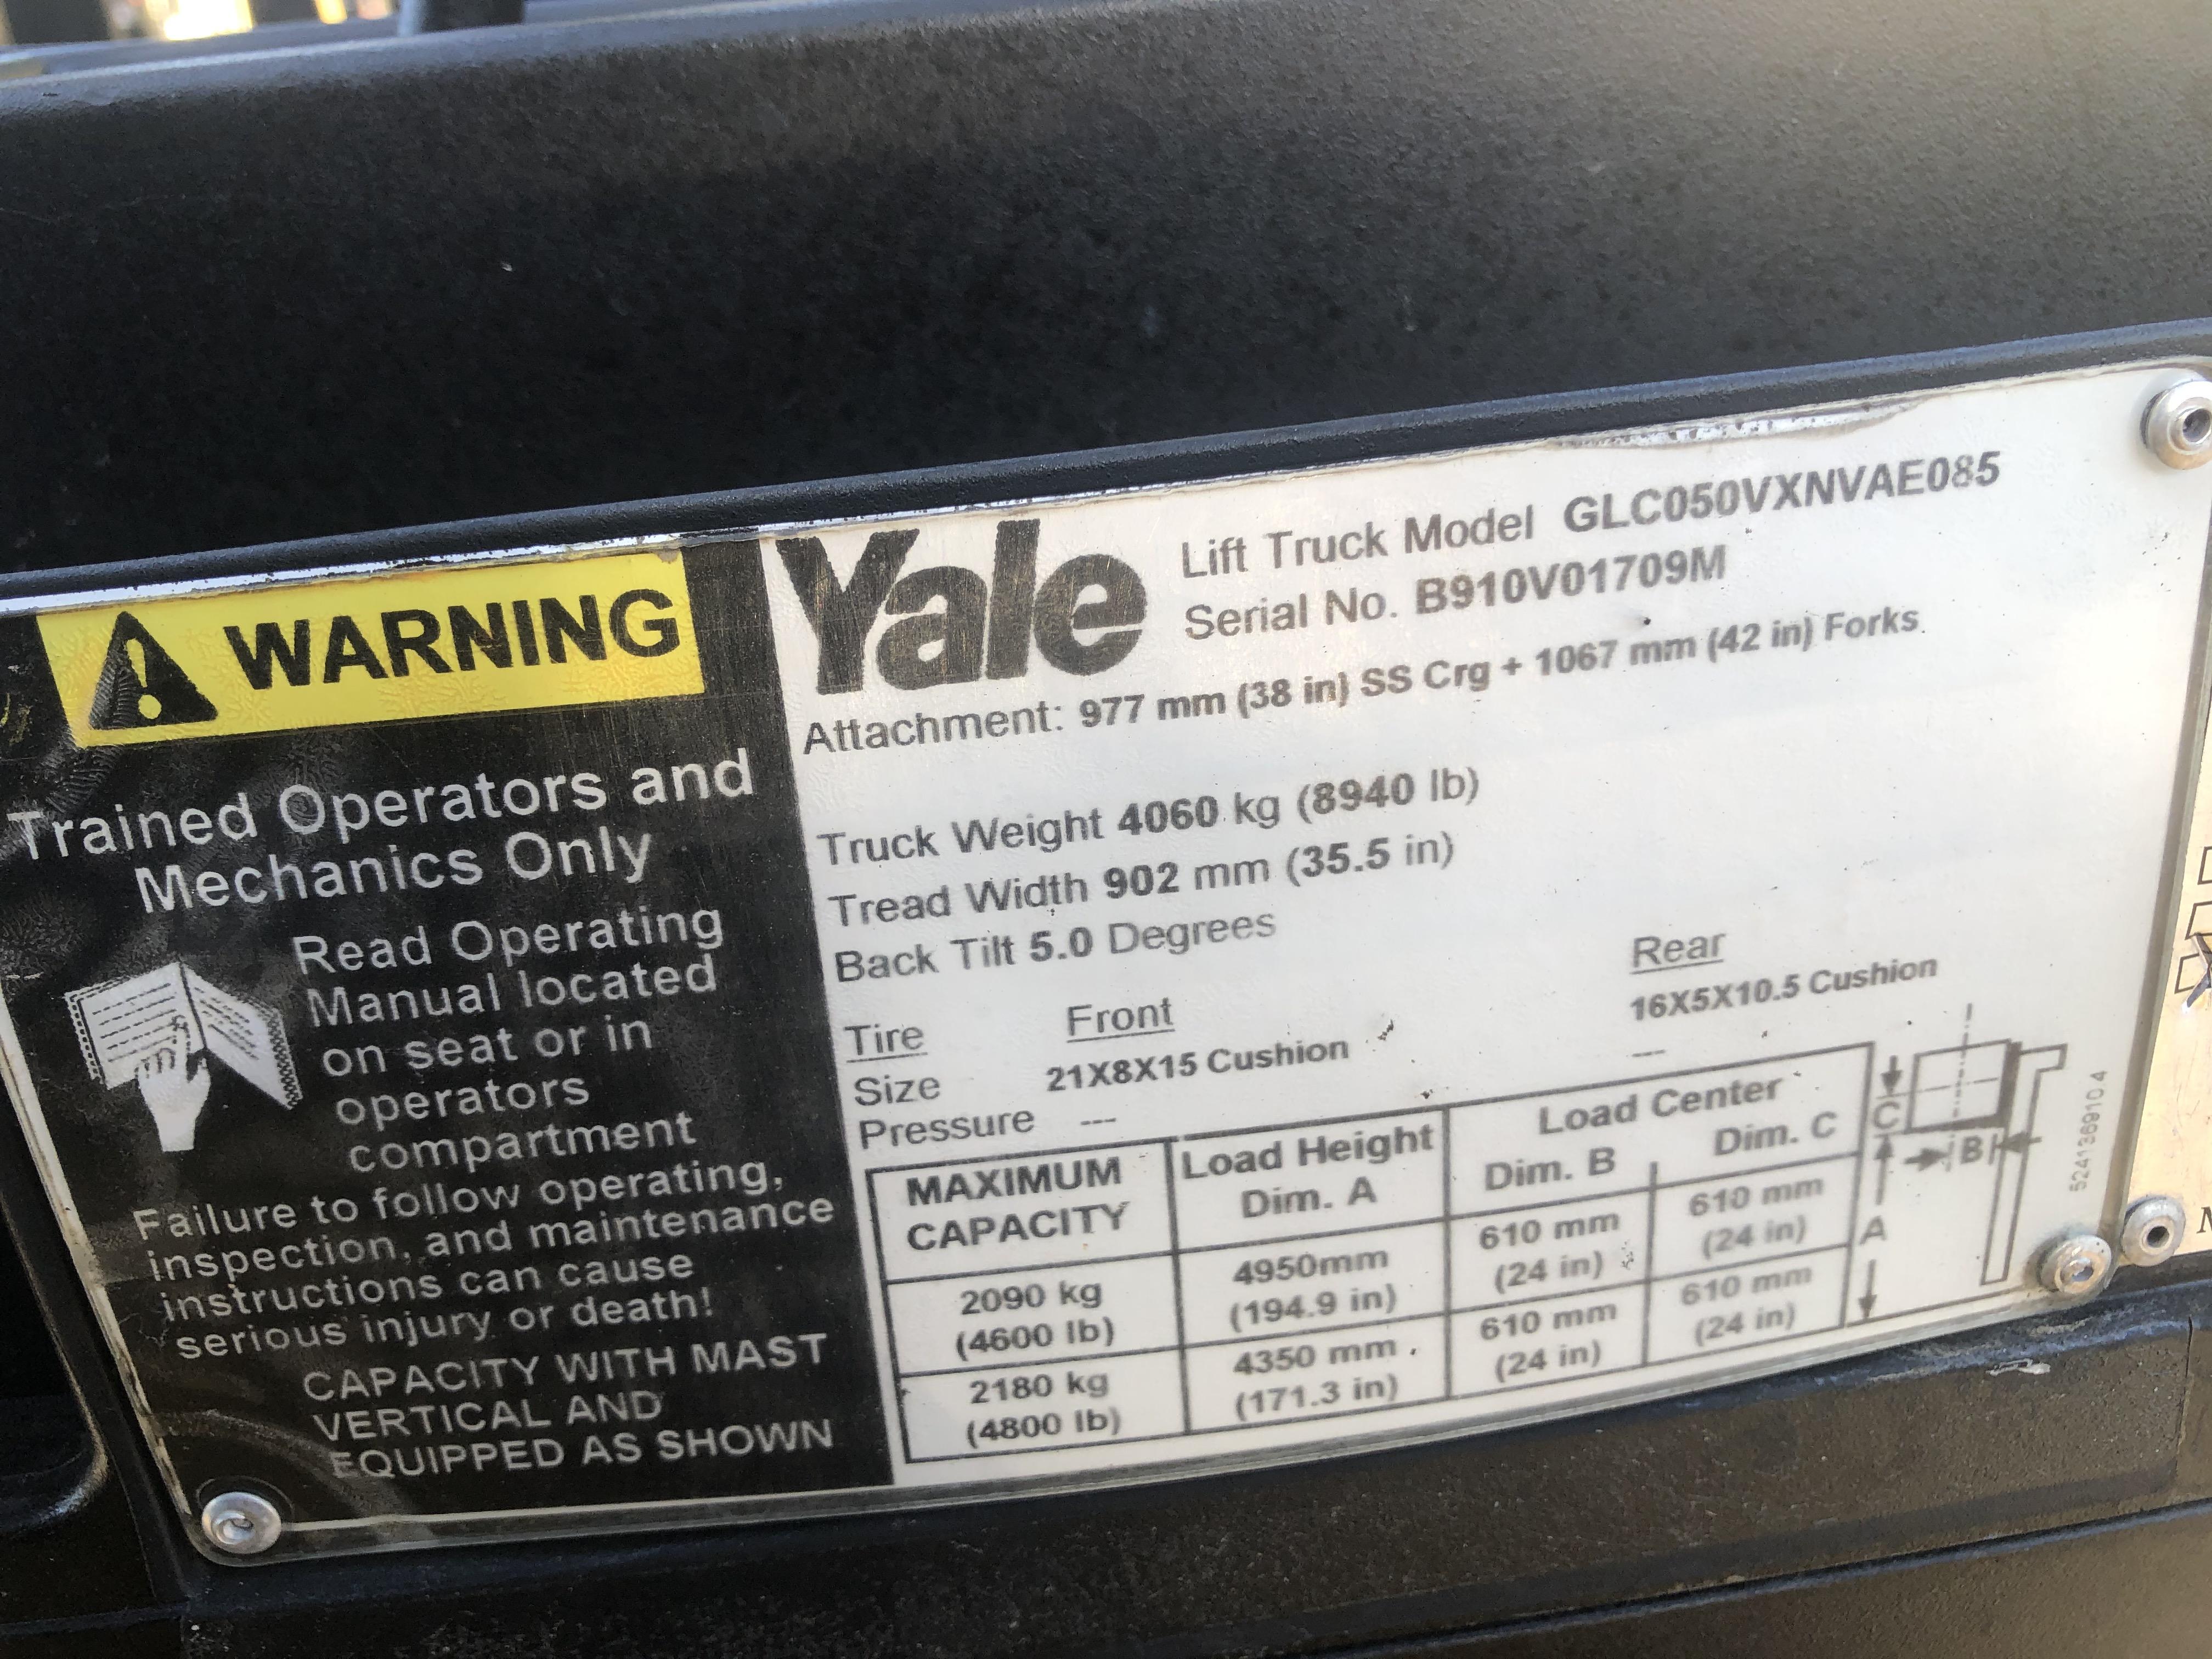 2014 Yale GLC050